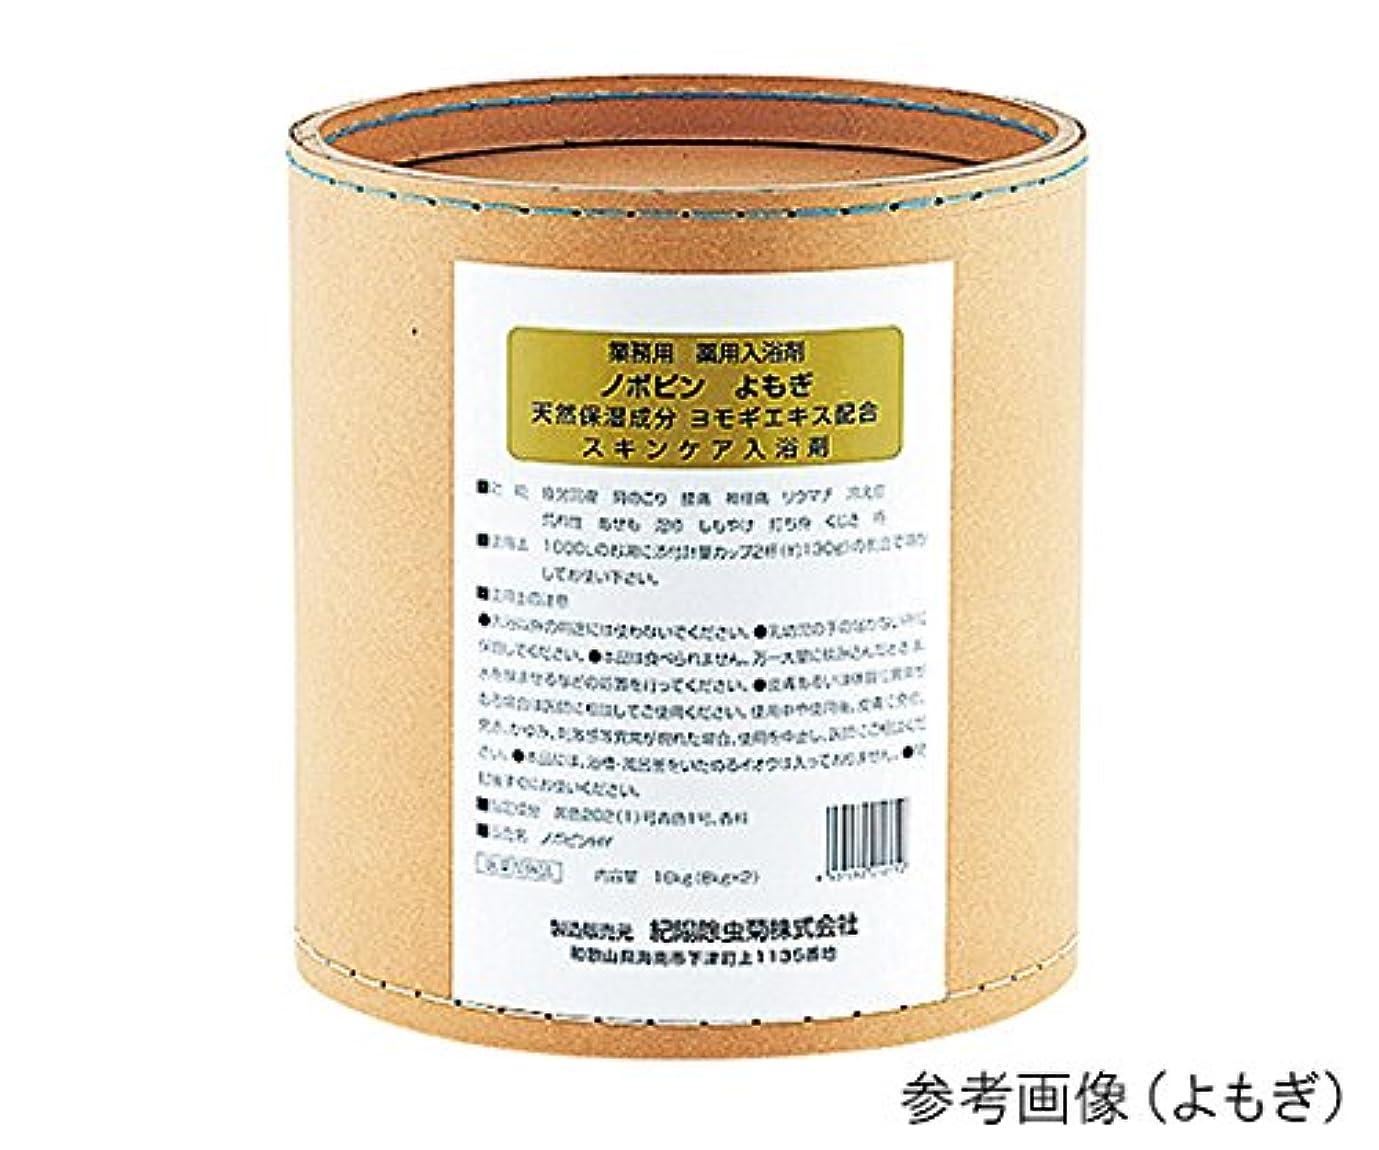 果てしないルネッサンスかび臭い紀陽除虫菊7-2541-02業務用薬用入浴剤(ノボピン)アロエ(8kg×2個入)